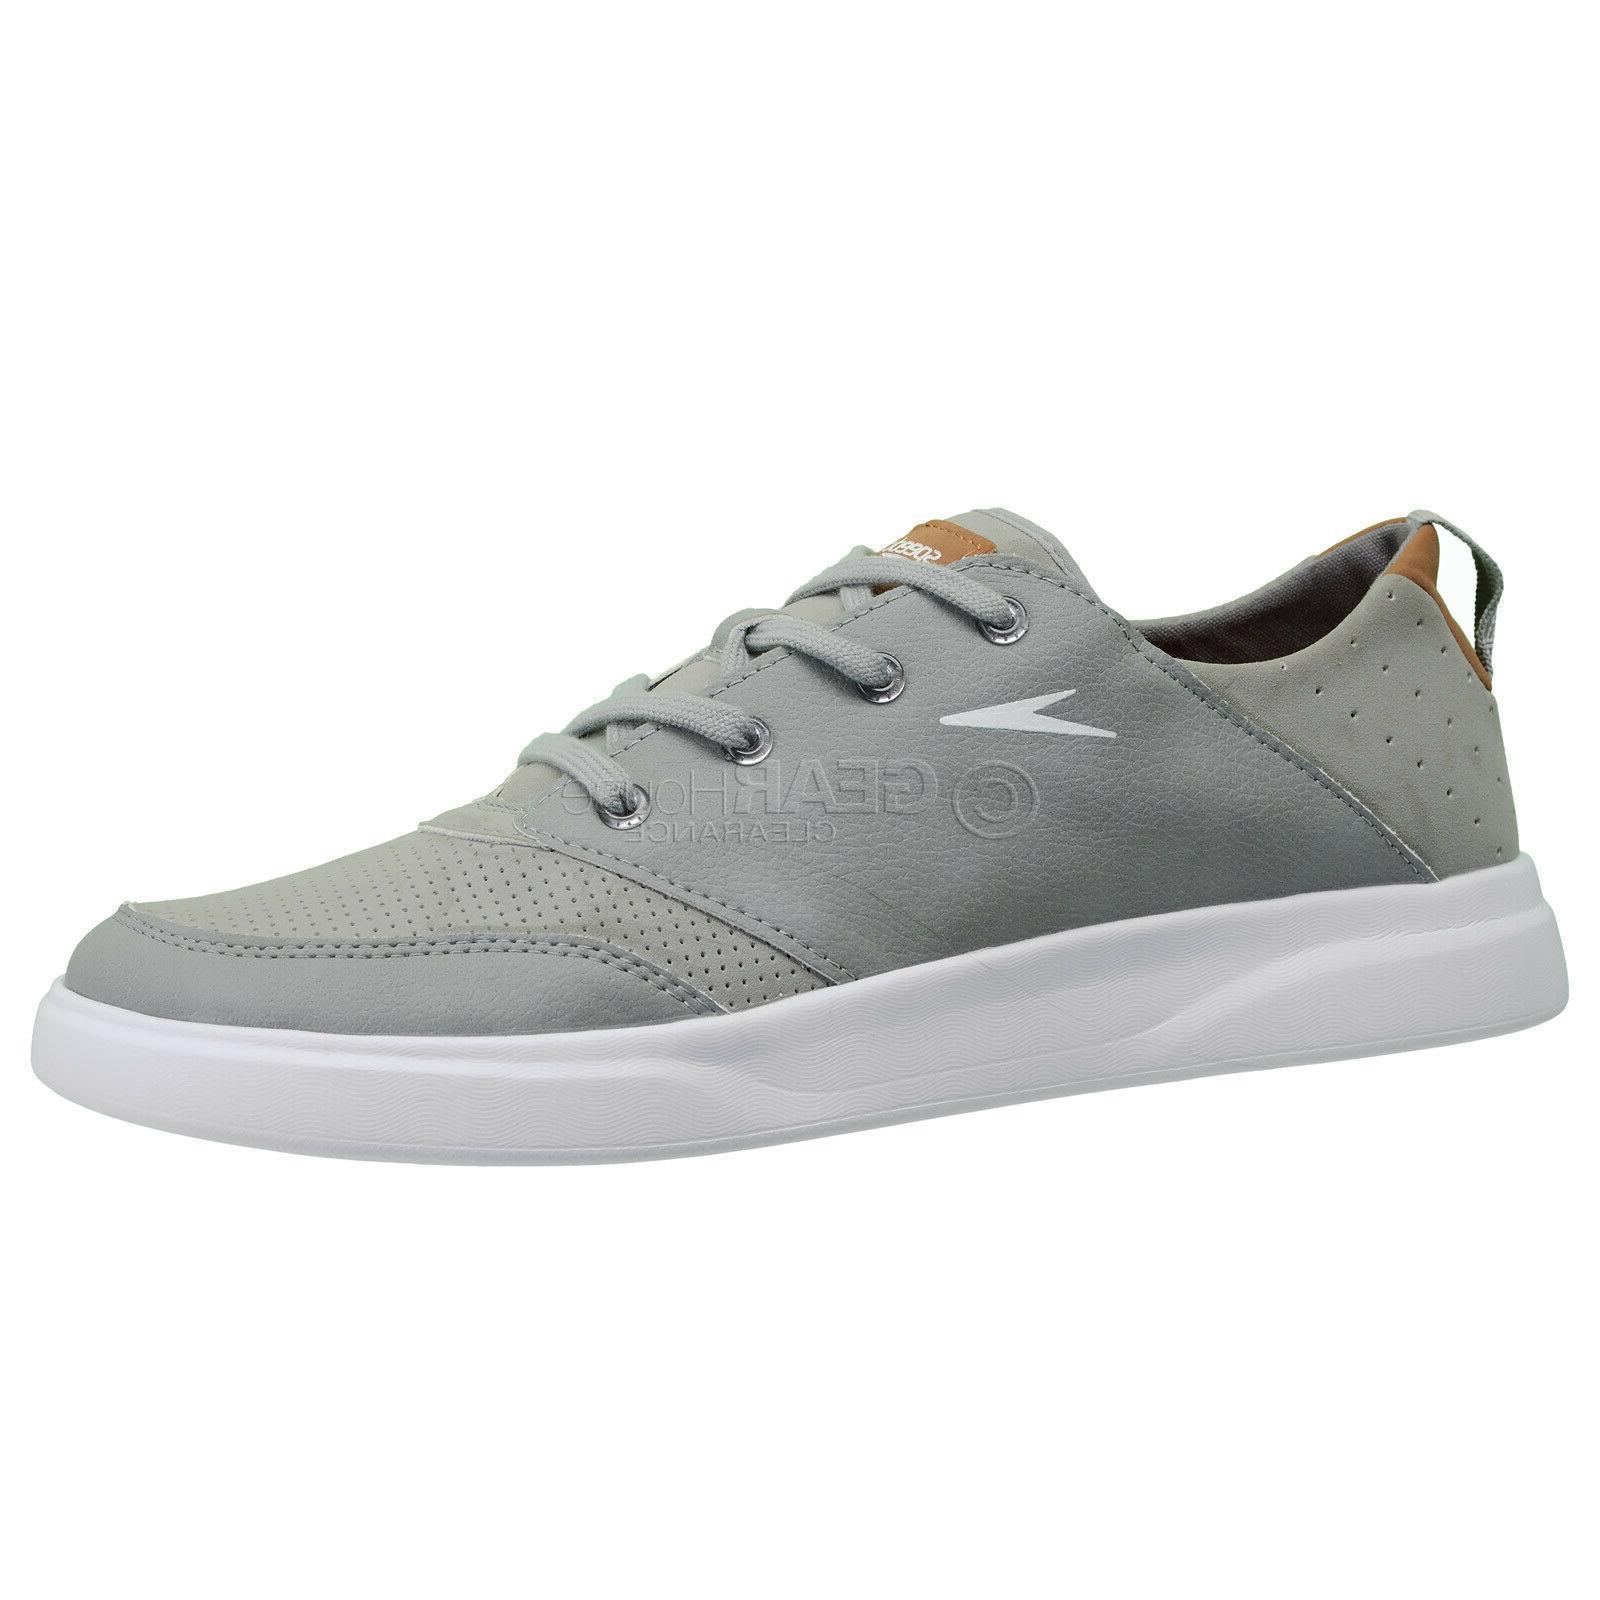 SPEEDO 'TILLER' Men's Water Shoes Watersports - Gray